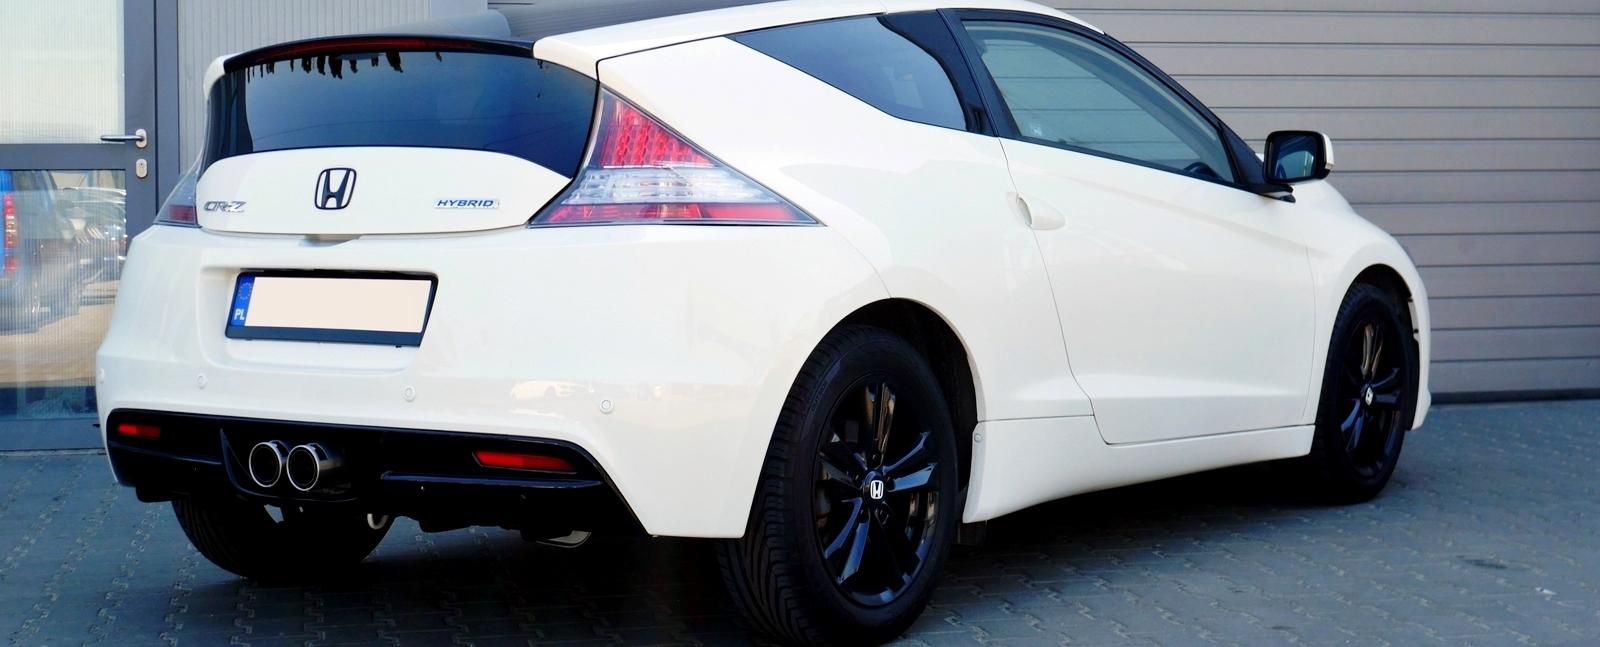 Honda CRZ Remus